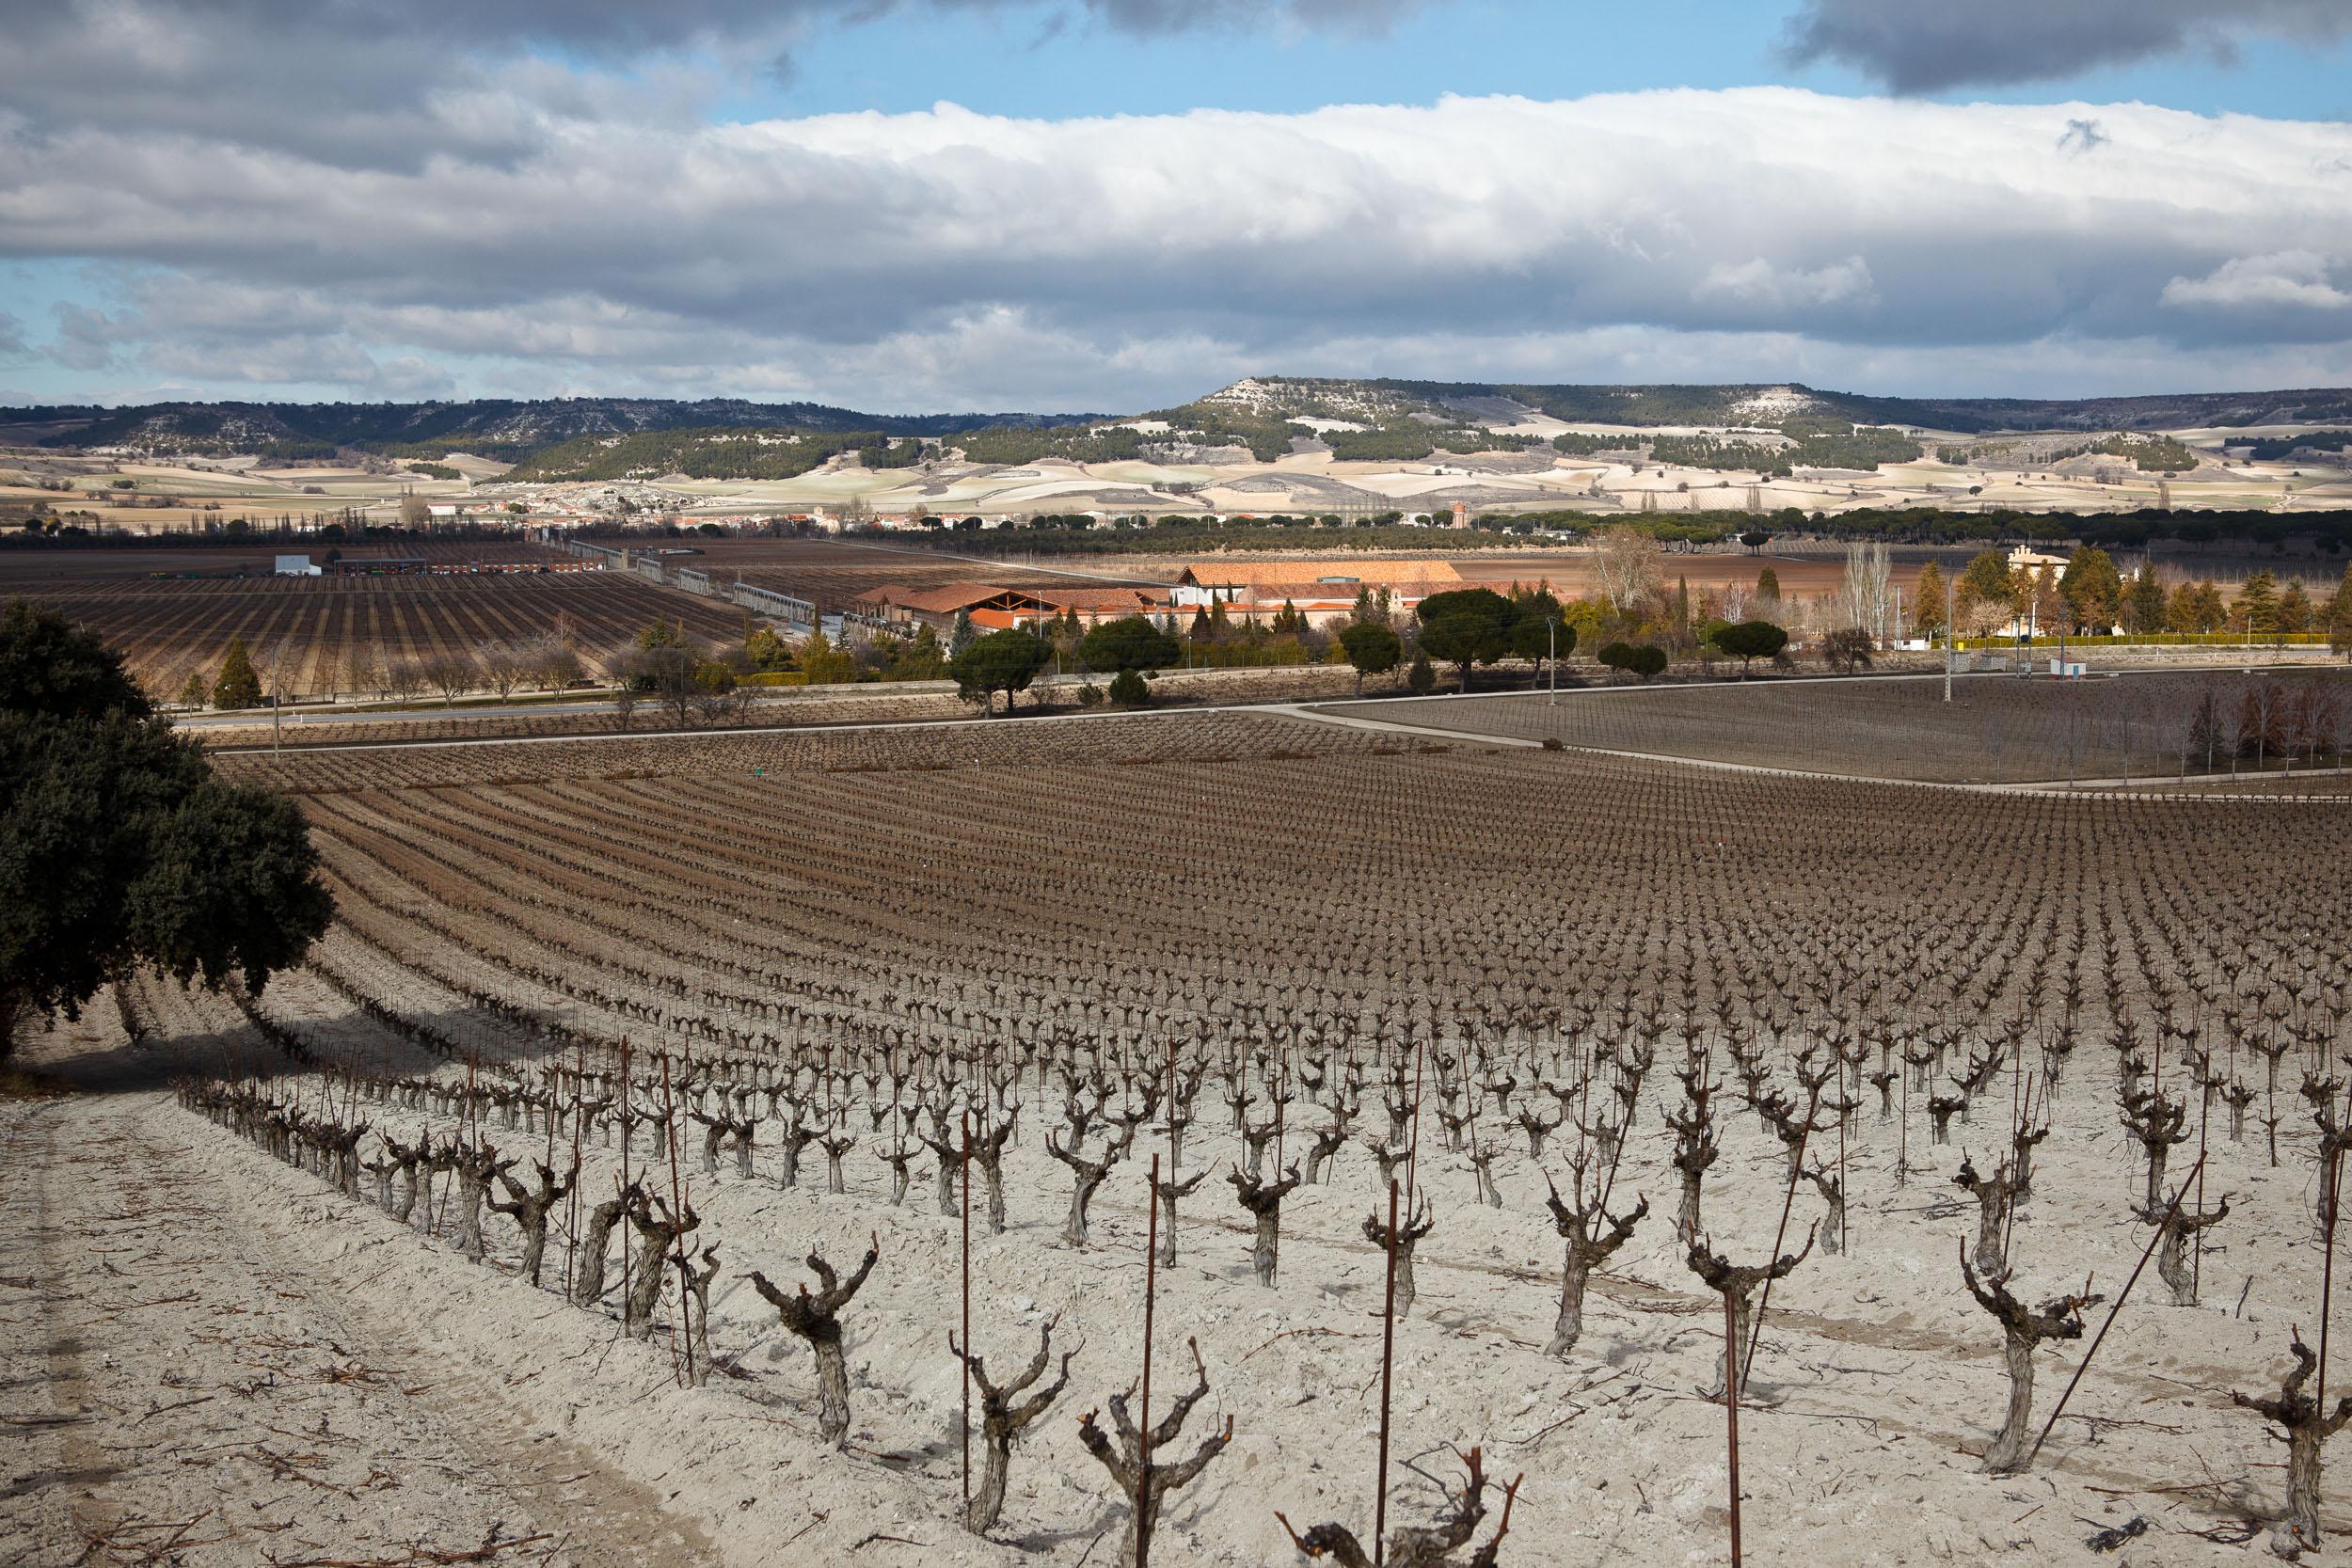 16/2/12 Tempranillo vines at Vega Sicilia Winery, Valbuena de Duero, Castilla y Leon, Spain. Photos by James Sturcke Fotografía | www.sturcke.org